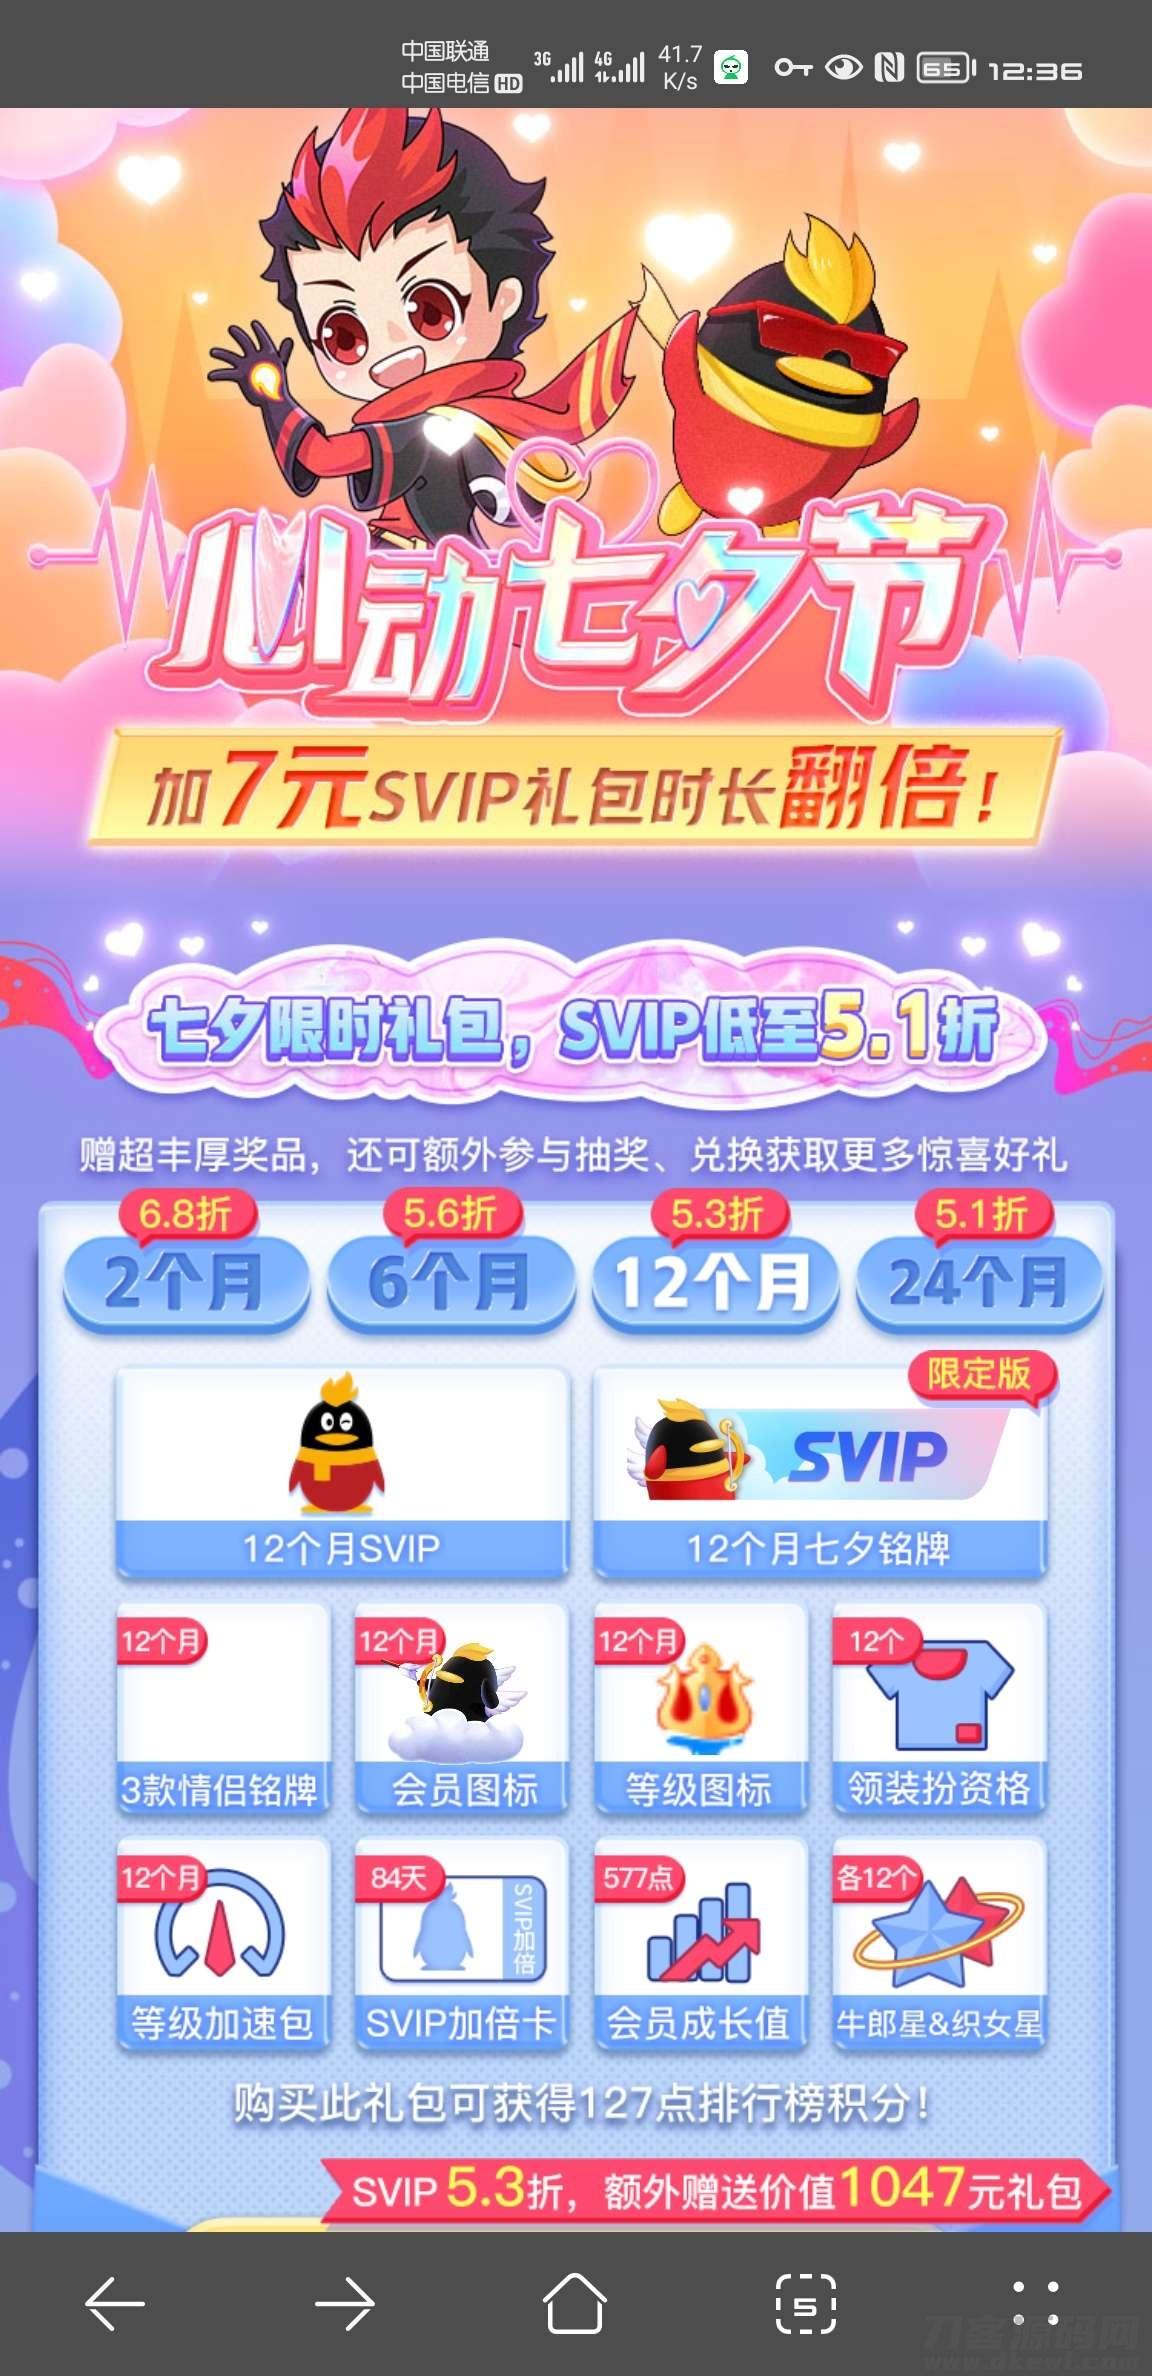 【虚拟物品】5折QQ超会员年薪STAR会员限时返回插图